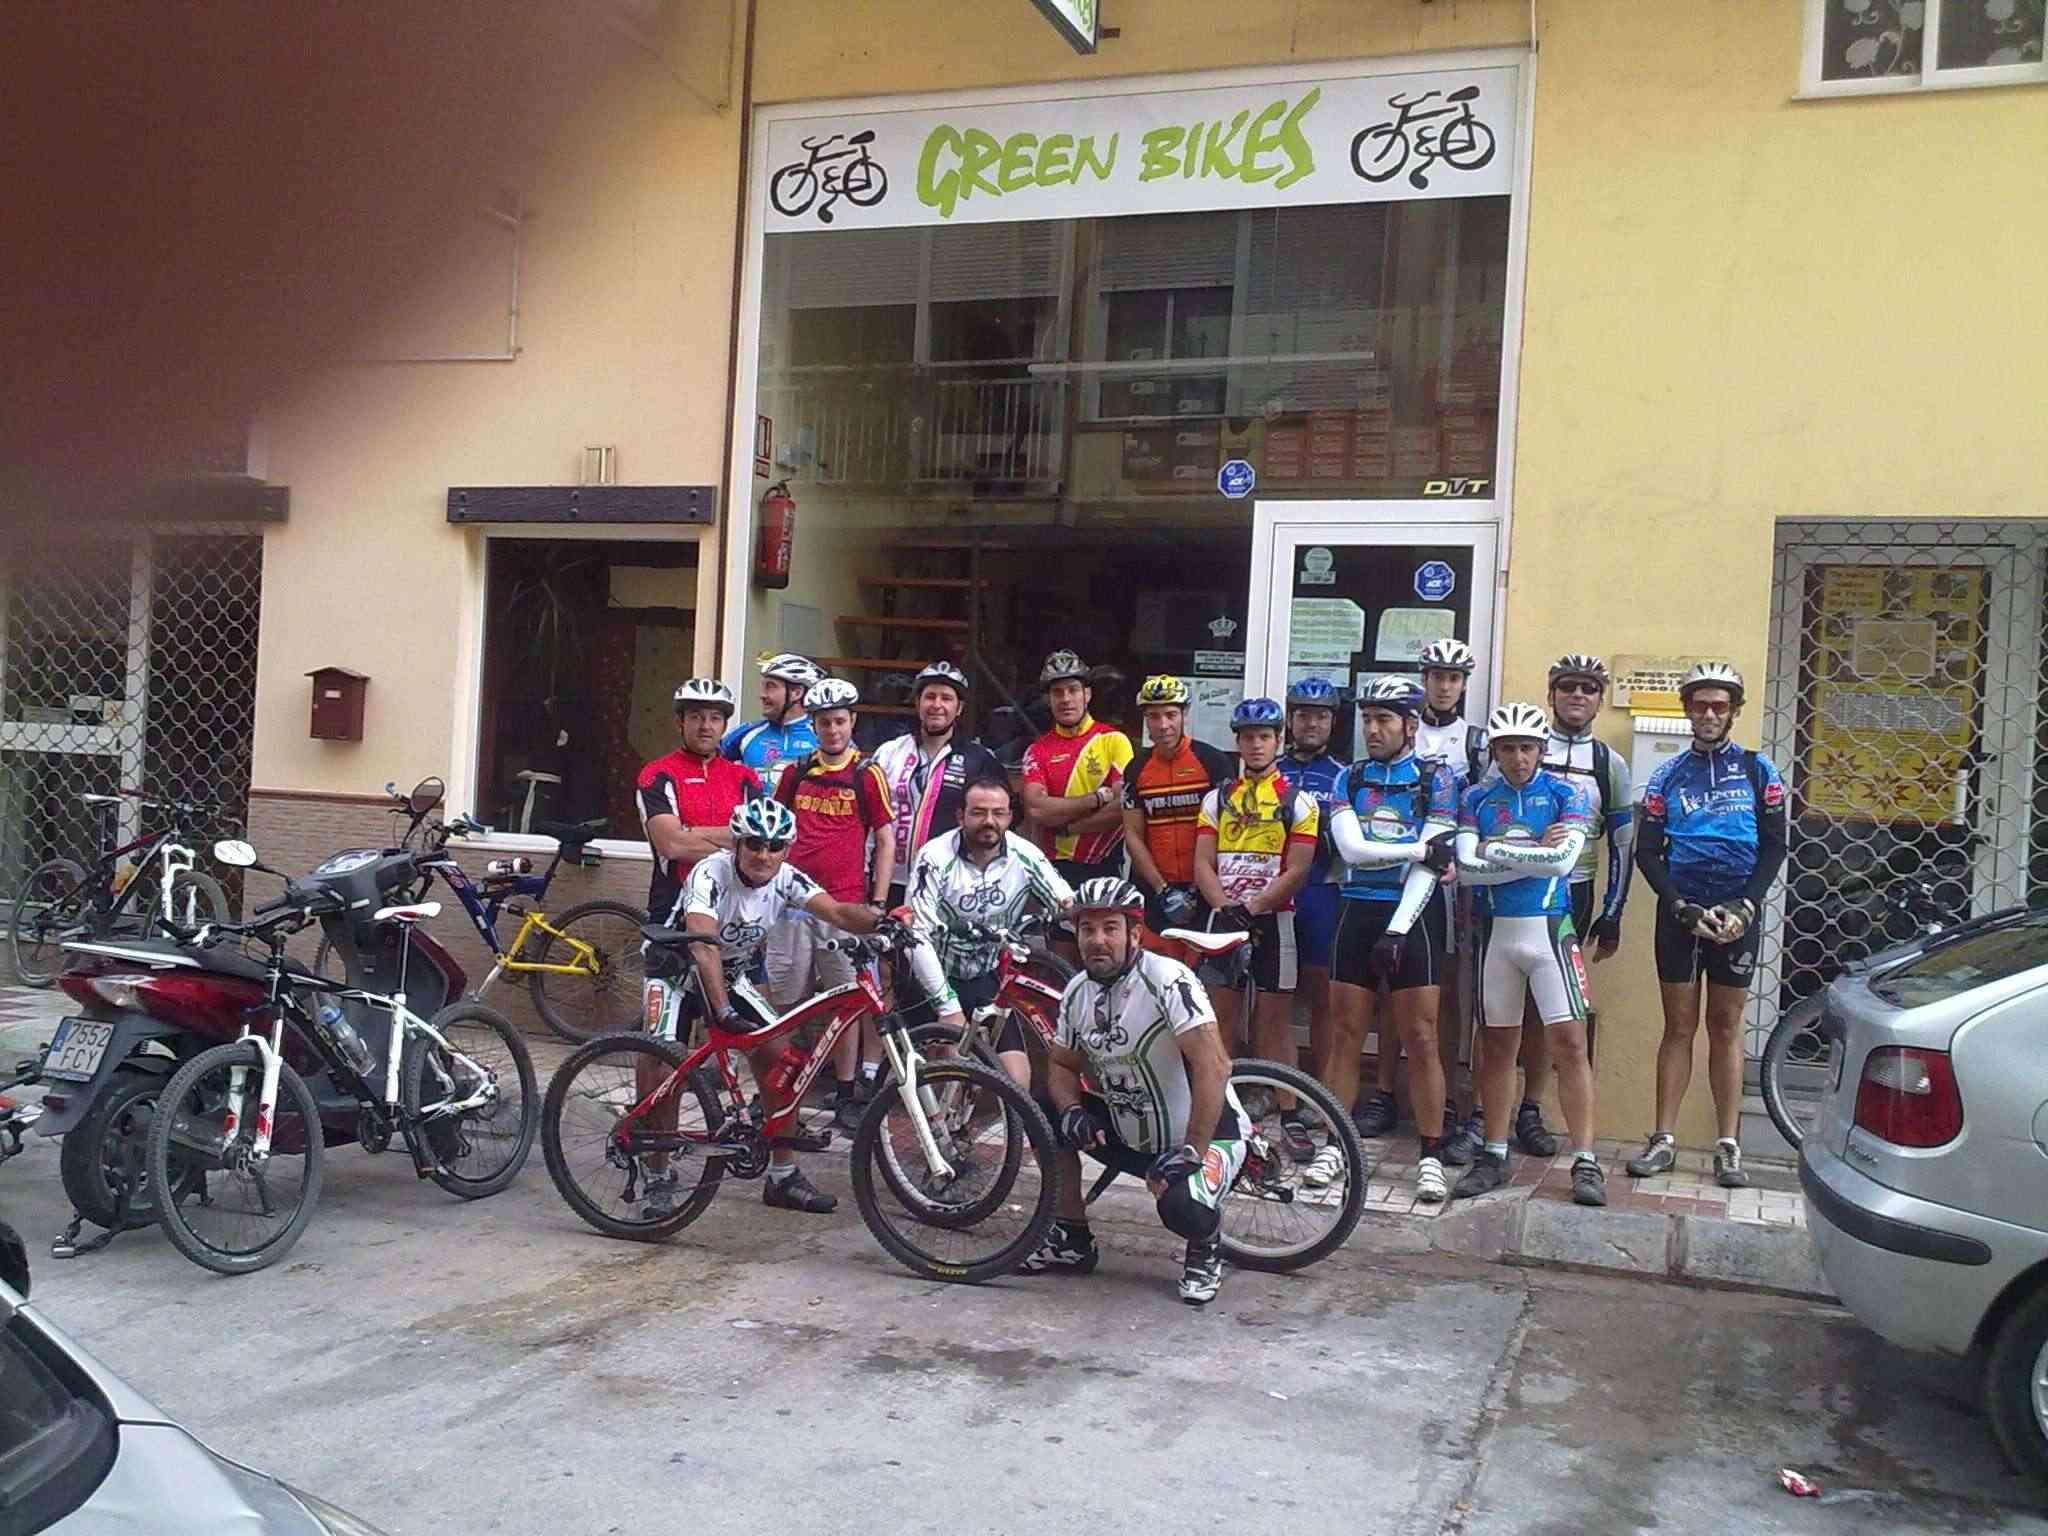 2ª Prueba  campeonato Green-bikes. Los 3 Arroyos 37 kms. 7 nov 2010 y CLASIFICACION 07112010